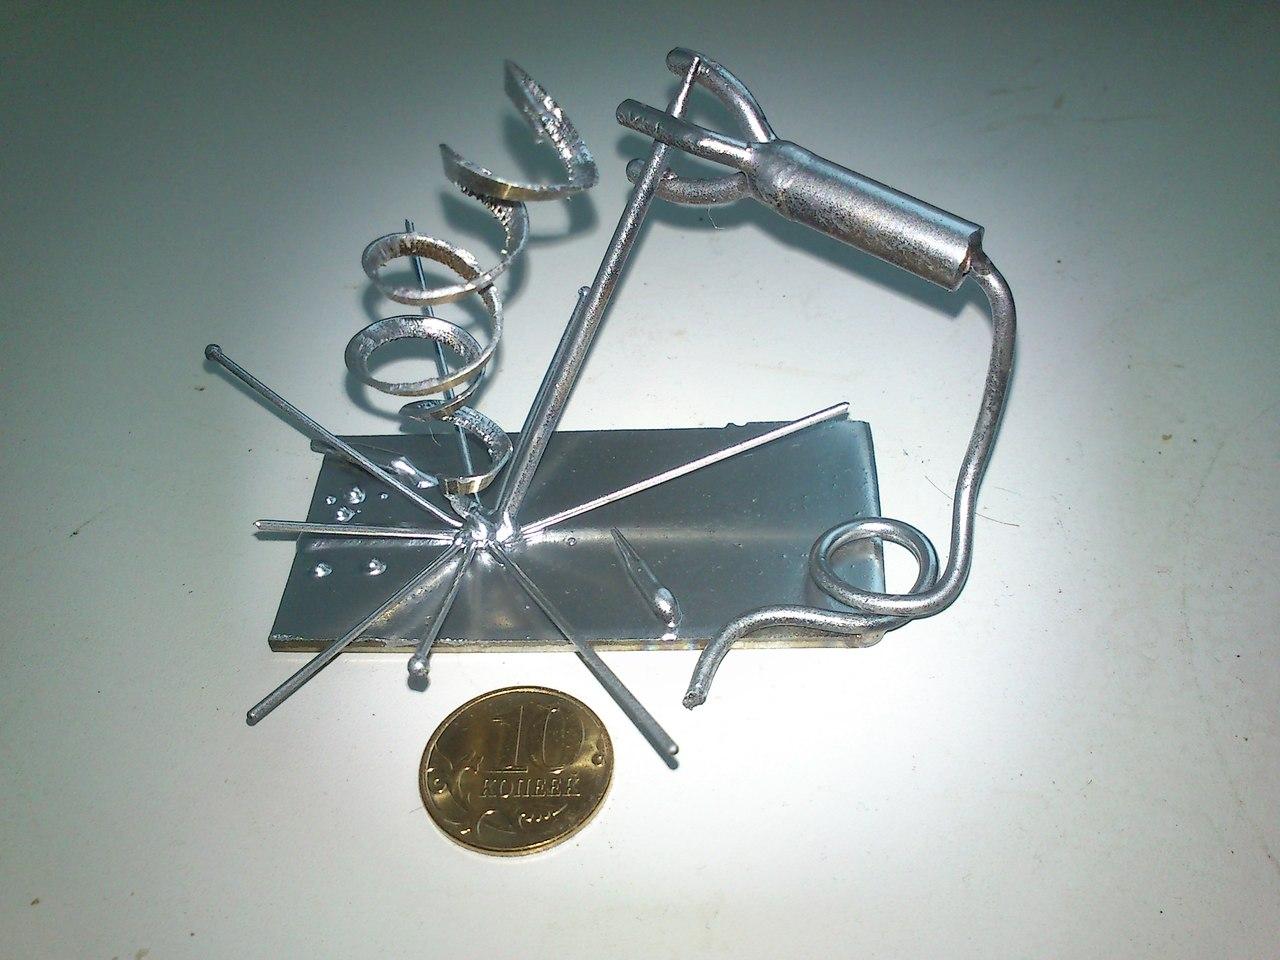 Поделки из металла своими руками сварка на продажу